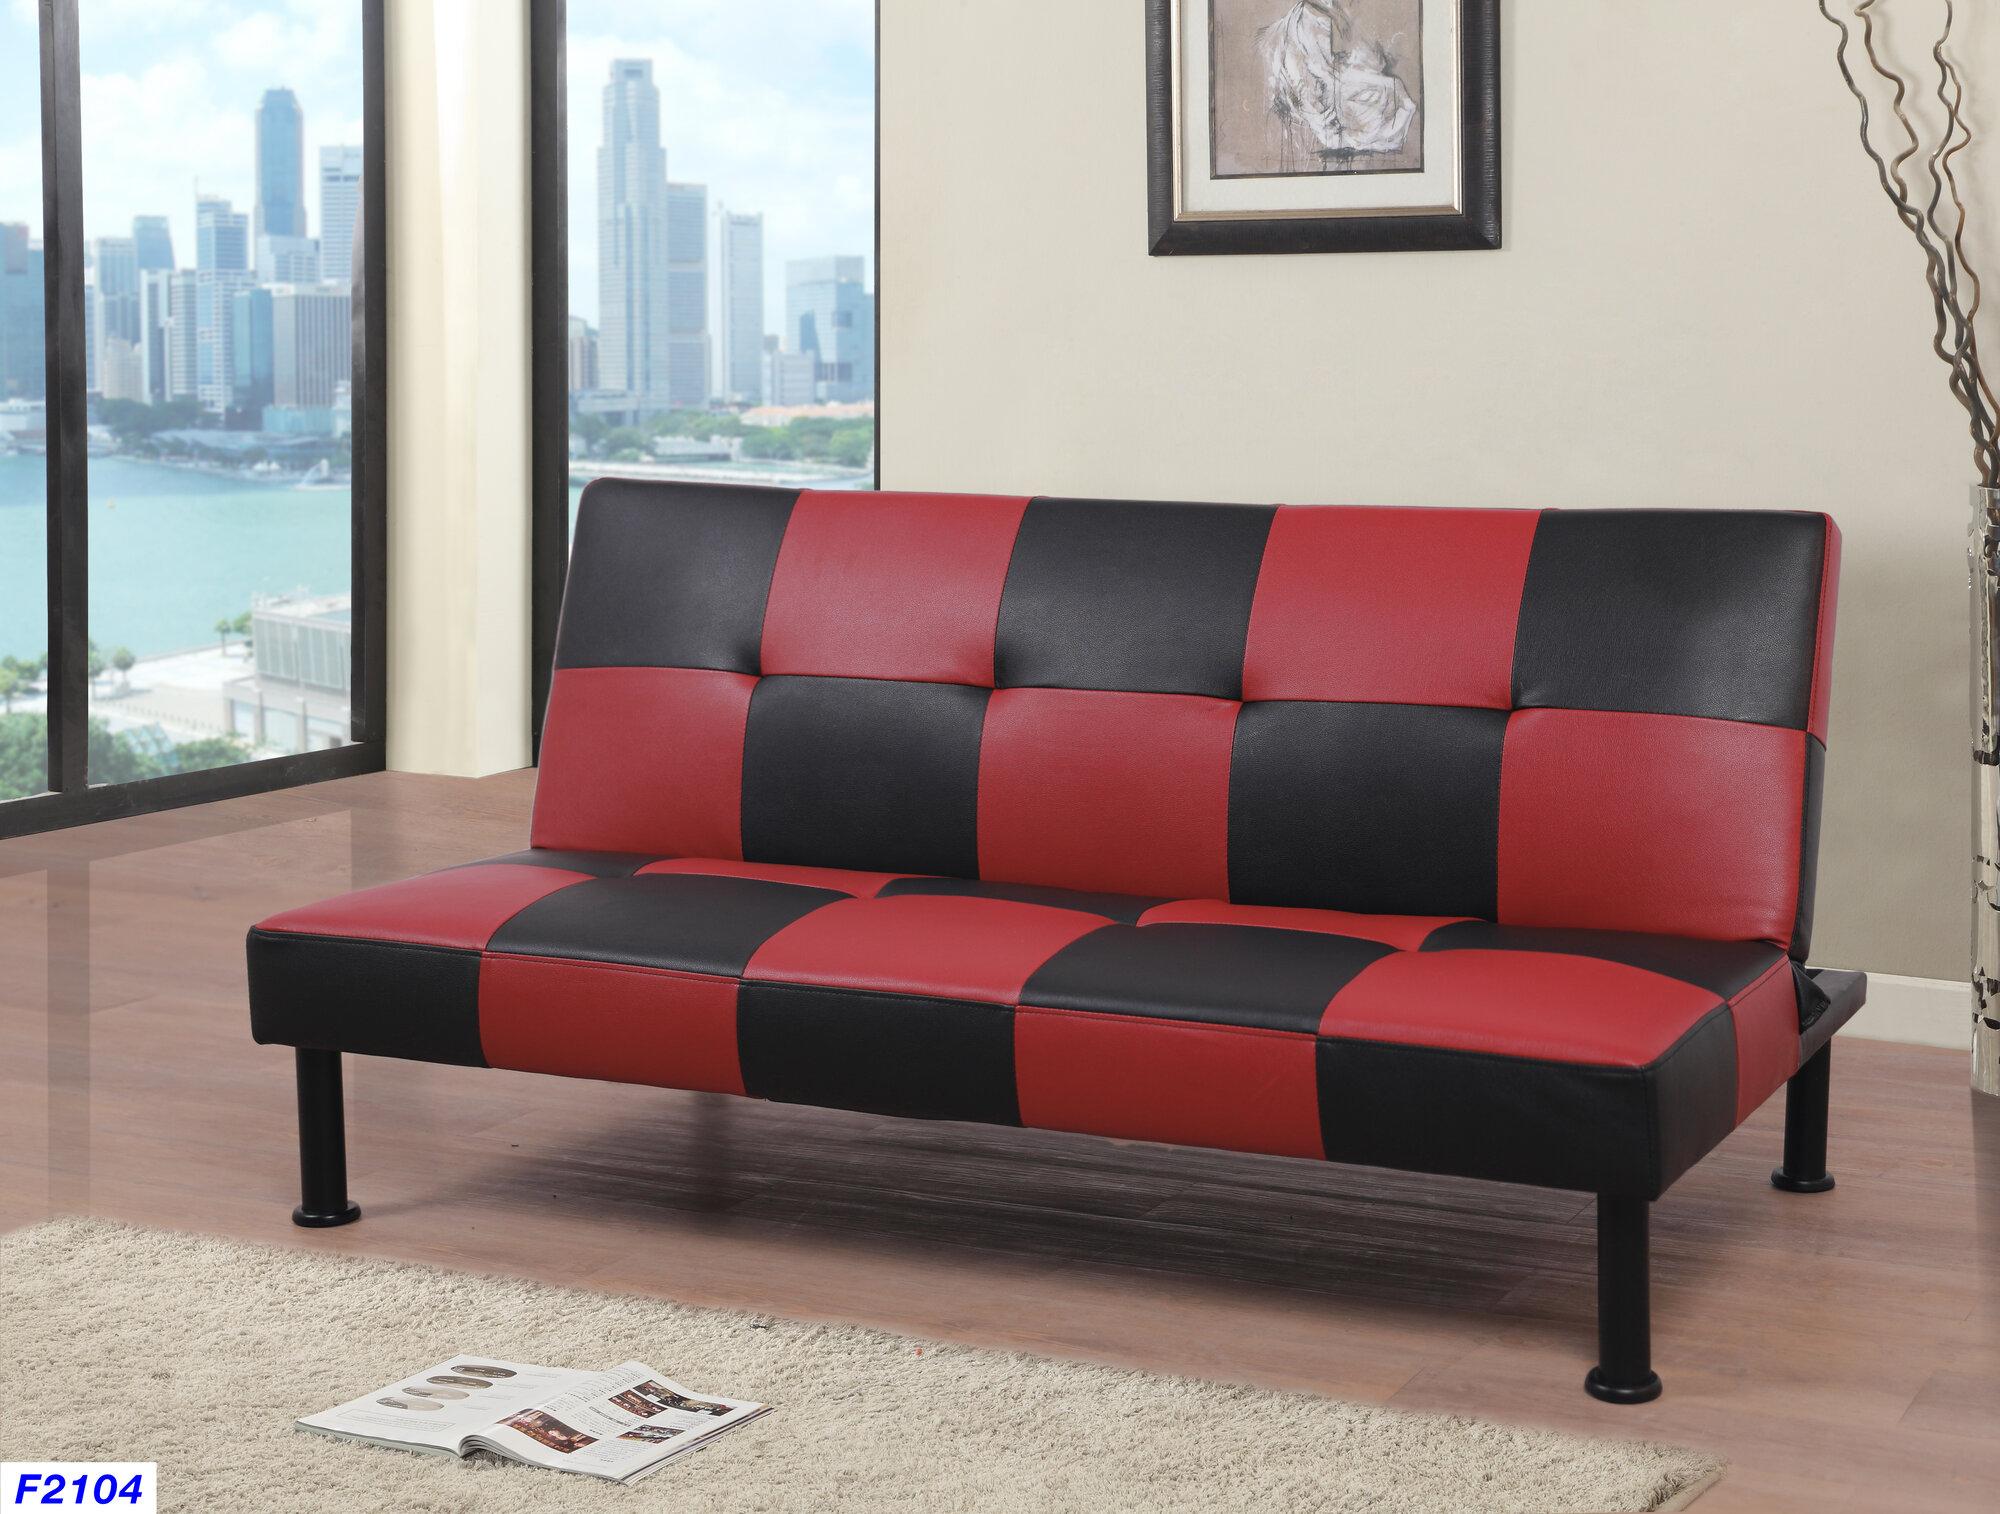 Details About Orren Ellis Barner Convertible Sofa With Kieth 4 Door Credenzas (Gallery 12 of 30)